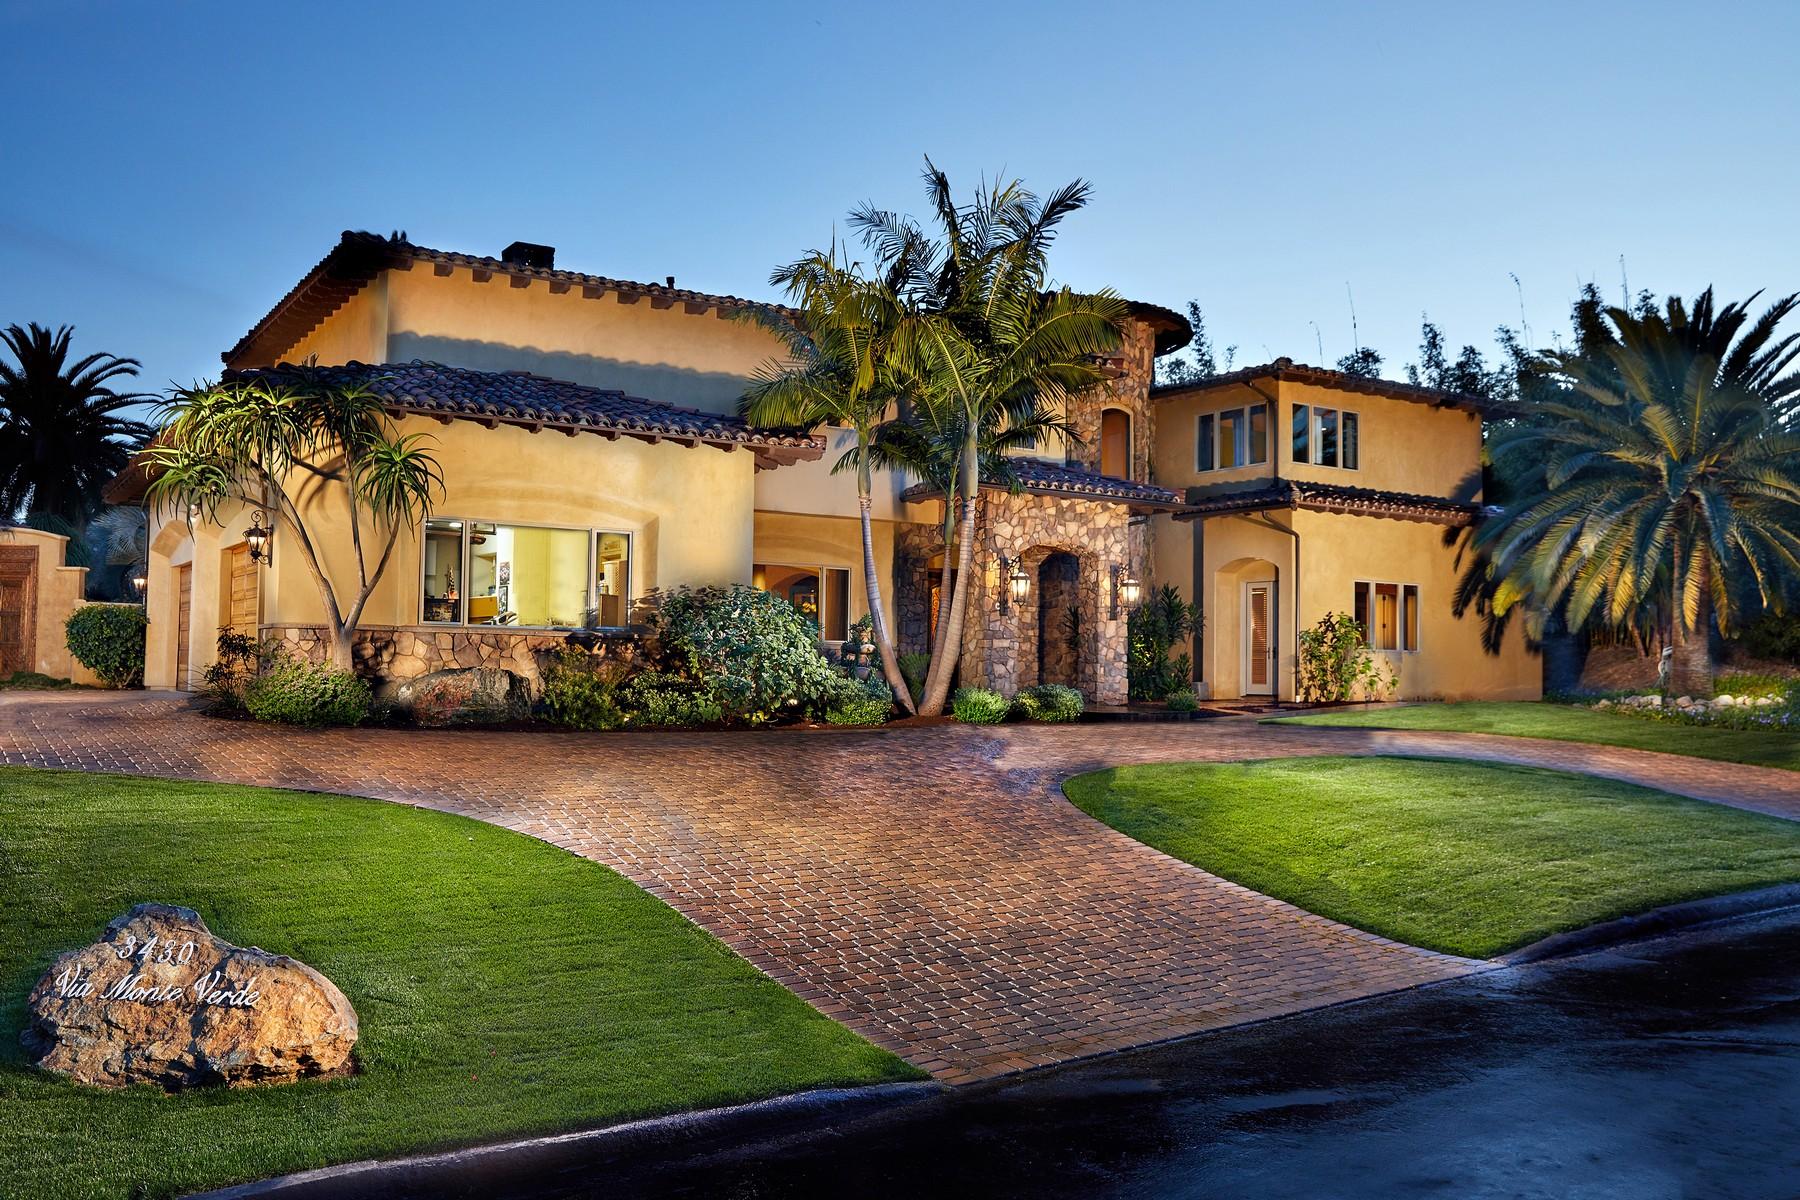 Частный односемейный дом для того Продажа на 3430 Via Monteverde Encinitas, Калифорния 92024 Соединенные Штаты